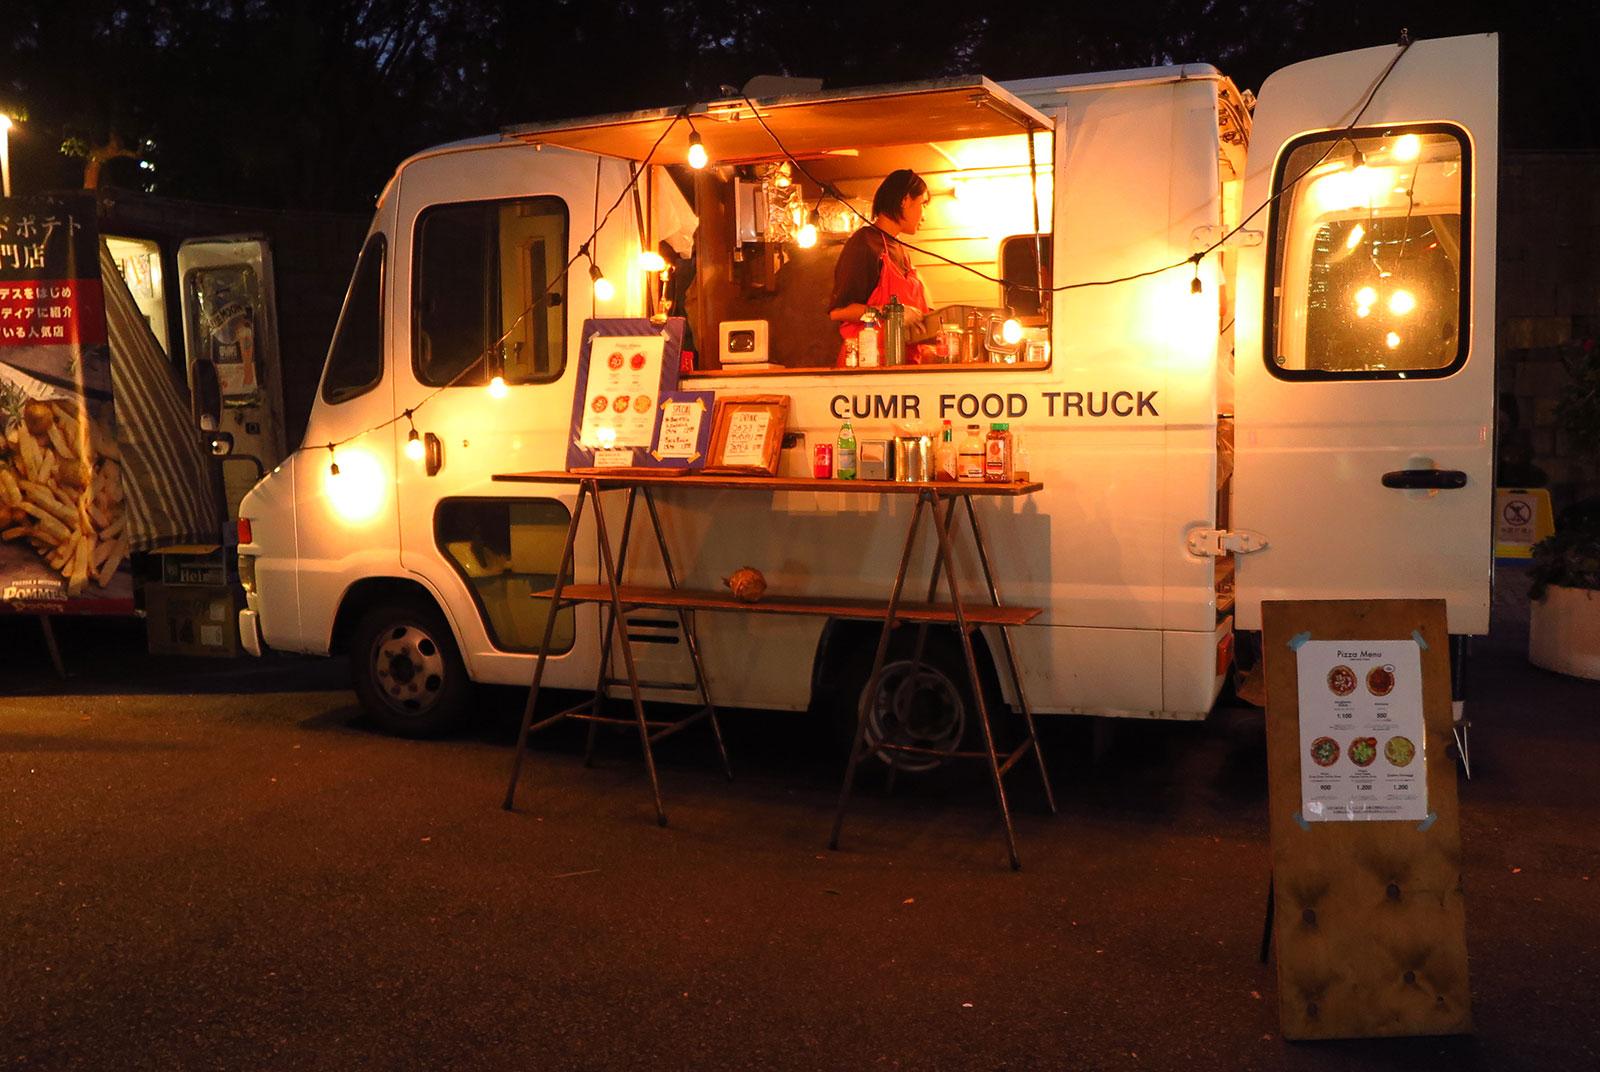 上映会場の雰囲気に合わせたて出店したキッチンカー(「新宿パークシネマフェスティバル」)